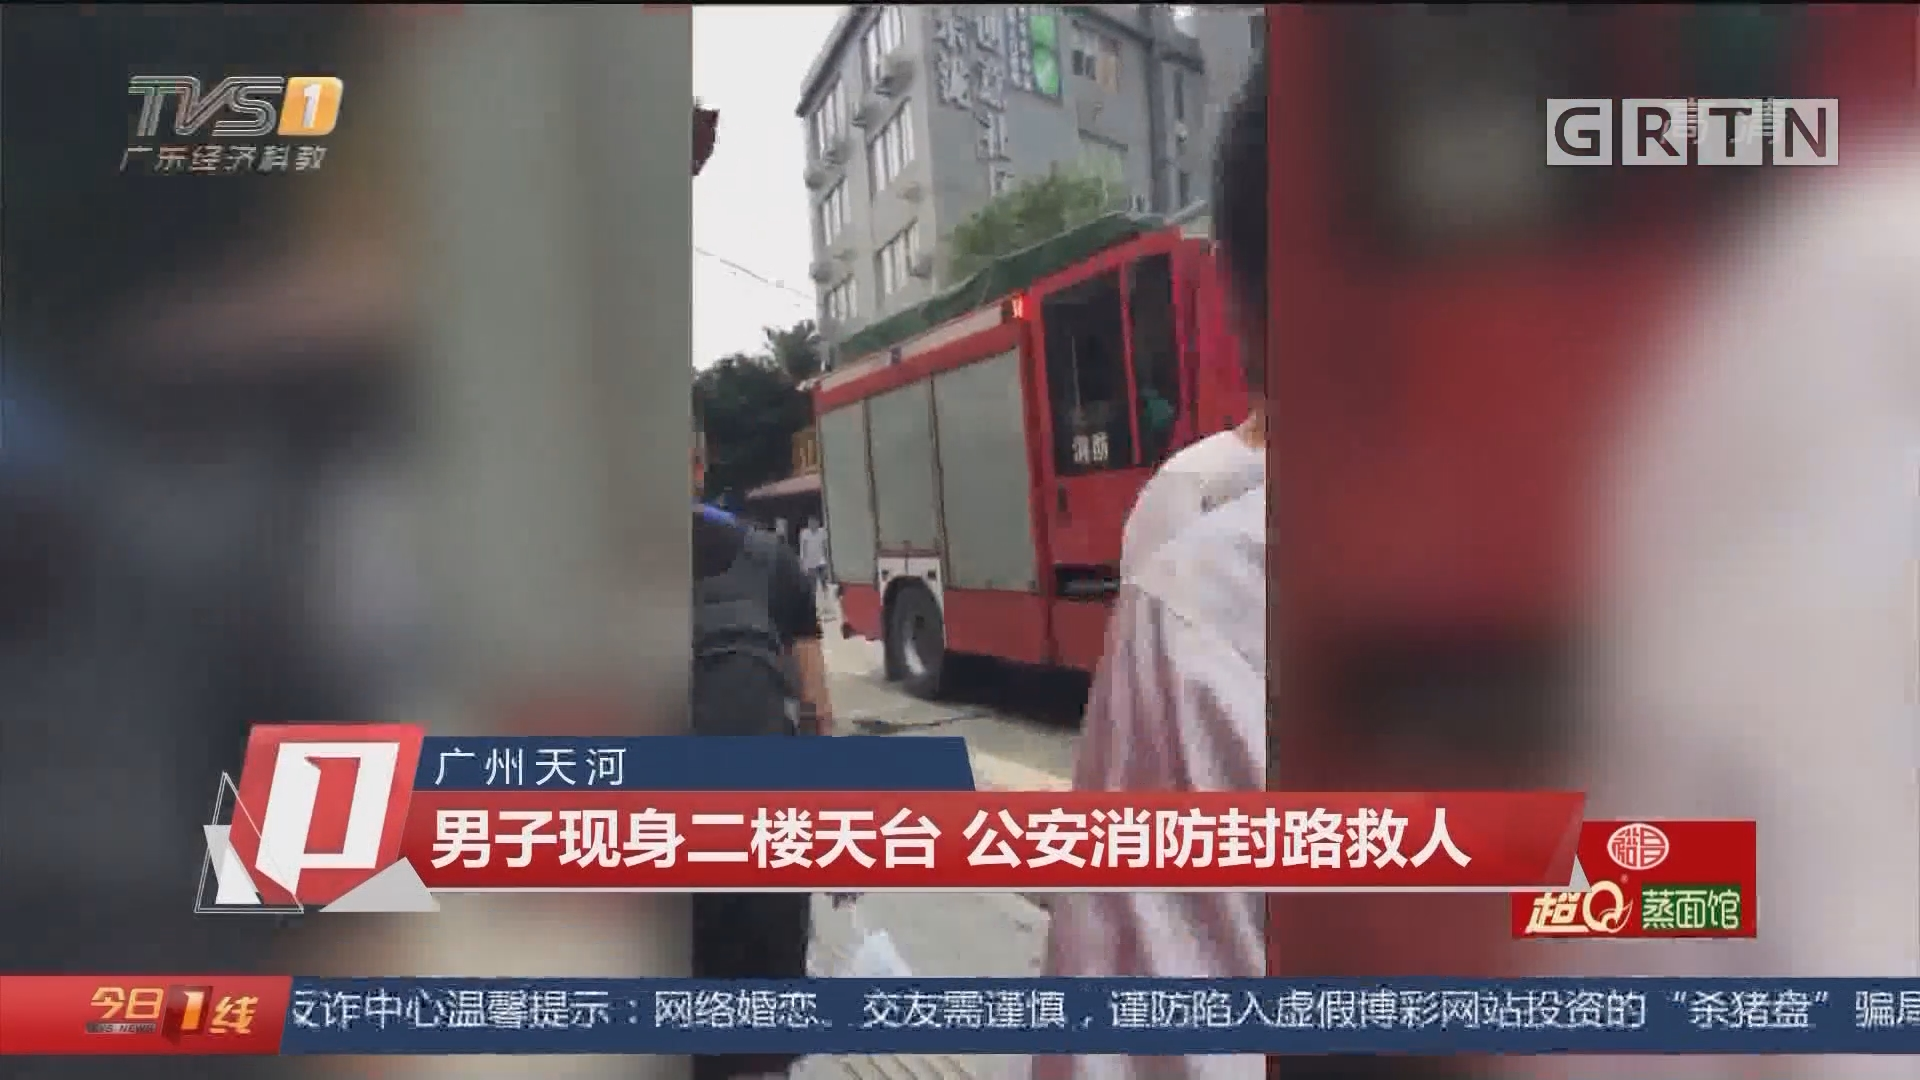 广州天河:男子现身二楼天台 公安消防封路救人